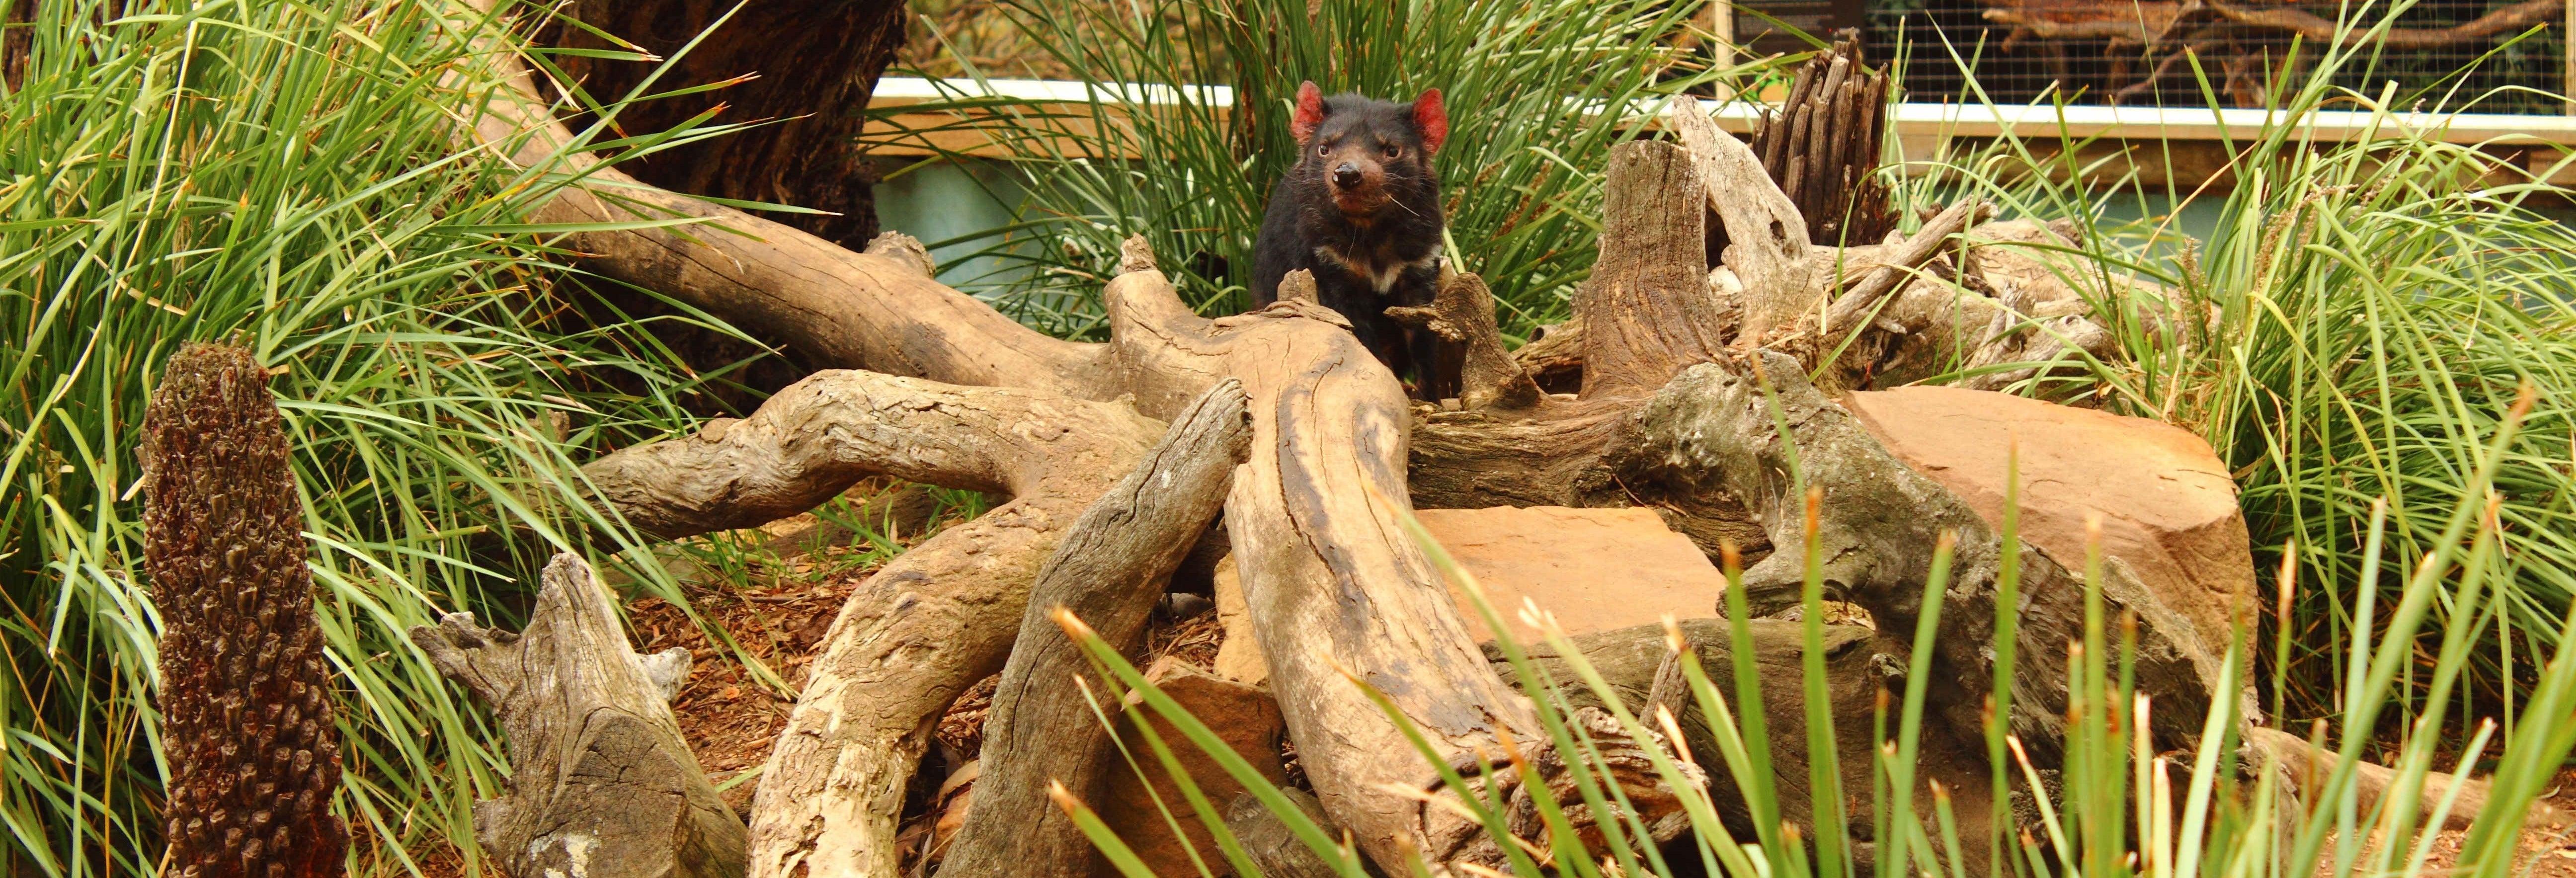 Excursión a Richmond y Bonorong Wildlife Sanctuary